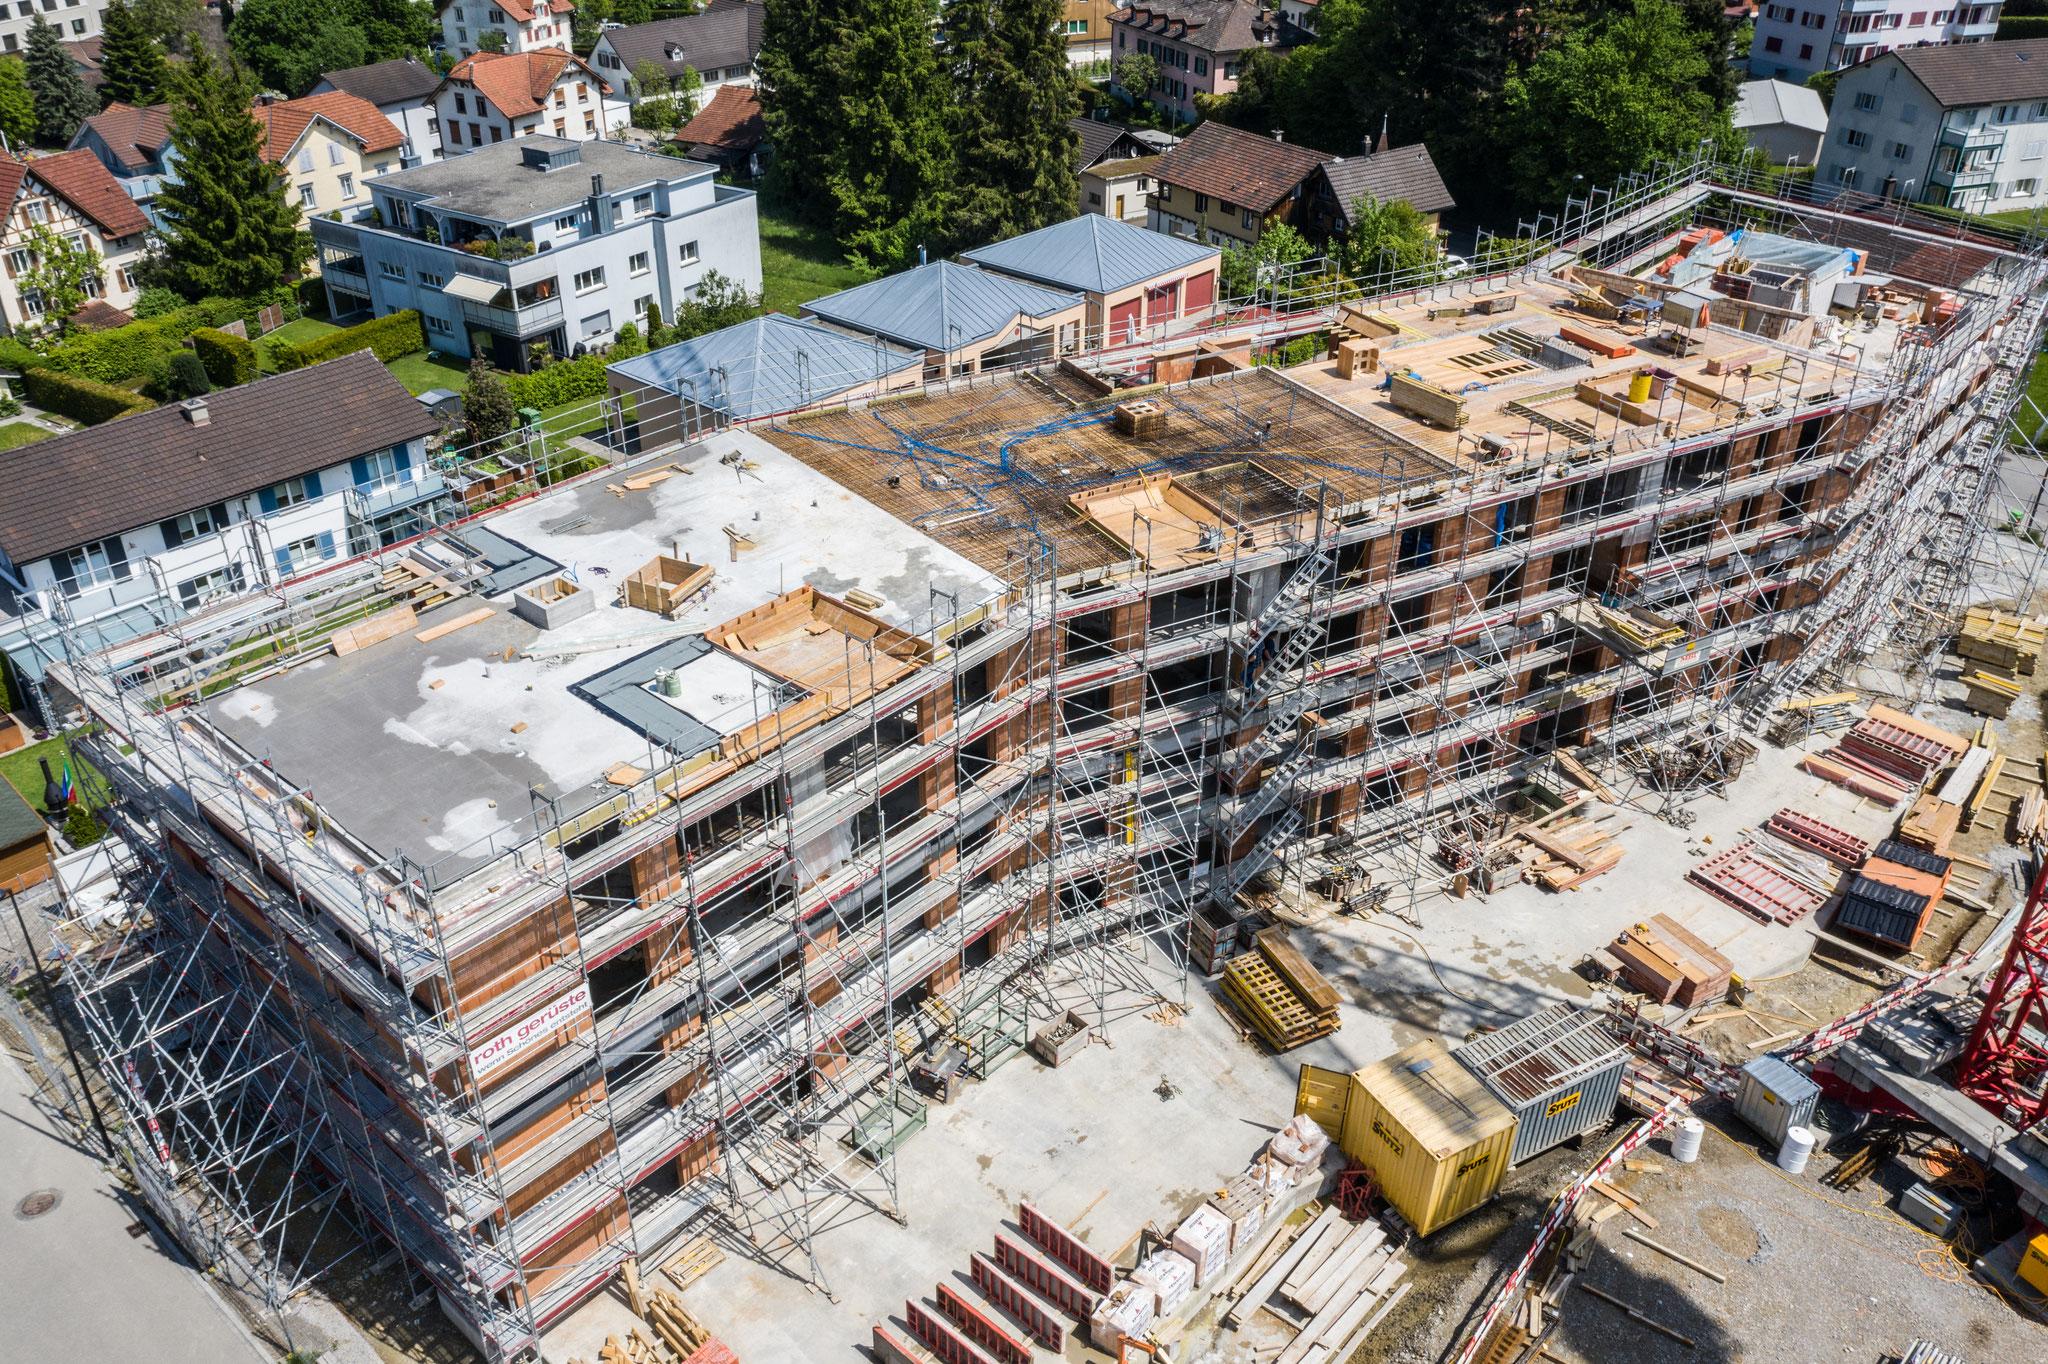 28. Mai 2019: Von oben sind die Etappen der verschiedenen Bauabschnitte des Gebäudes sehr gut zu erkennen, im westlichen Teil ist die Decke bereits betoniert, im nächsten Abschnitt ist die Armierung zu erkennen ...